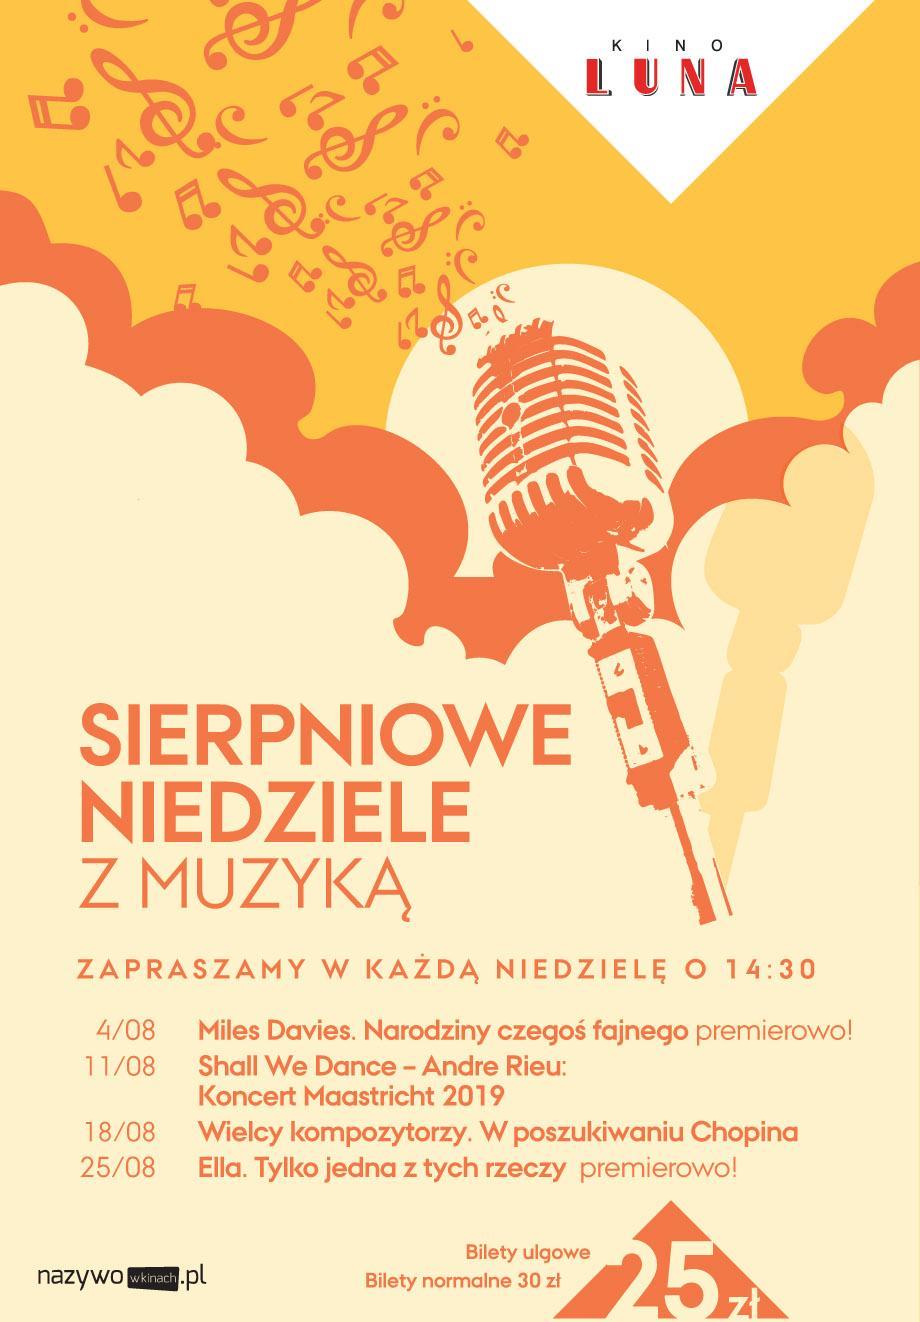 Shall We Dance - Andre Rieu: Koncert Maastricht 2019